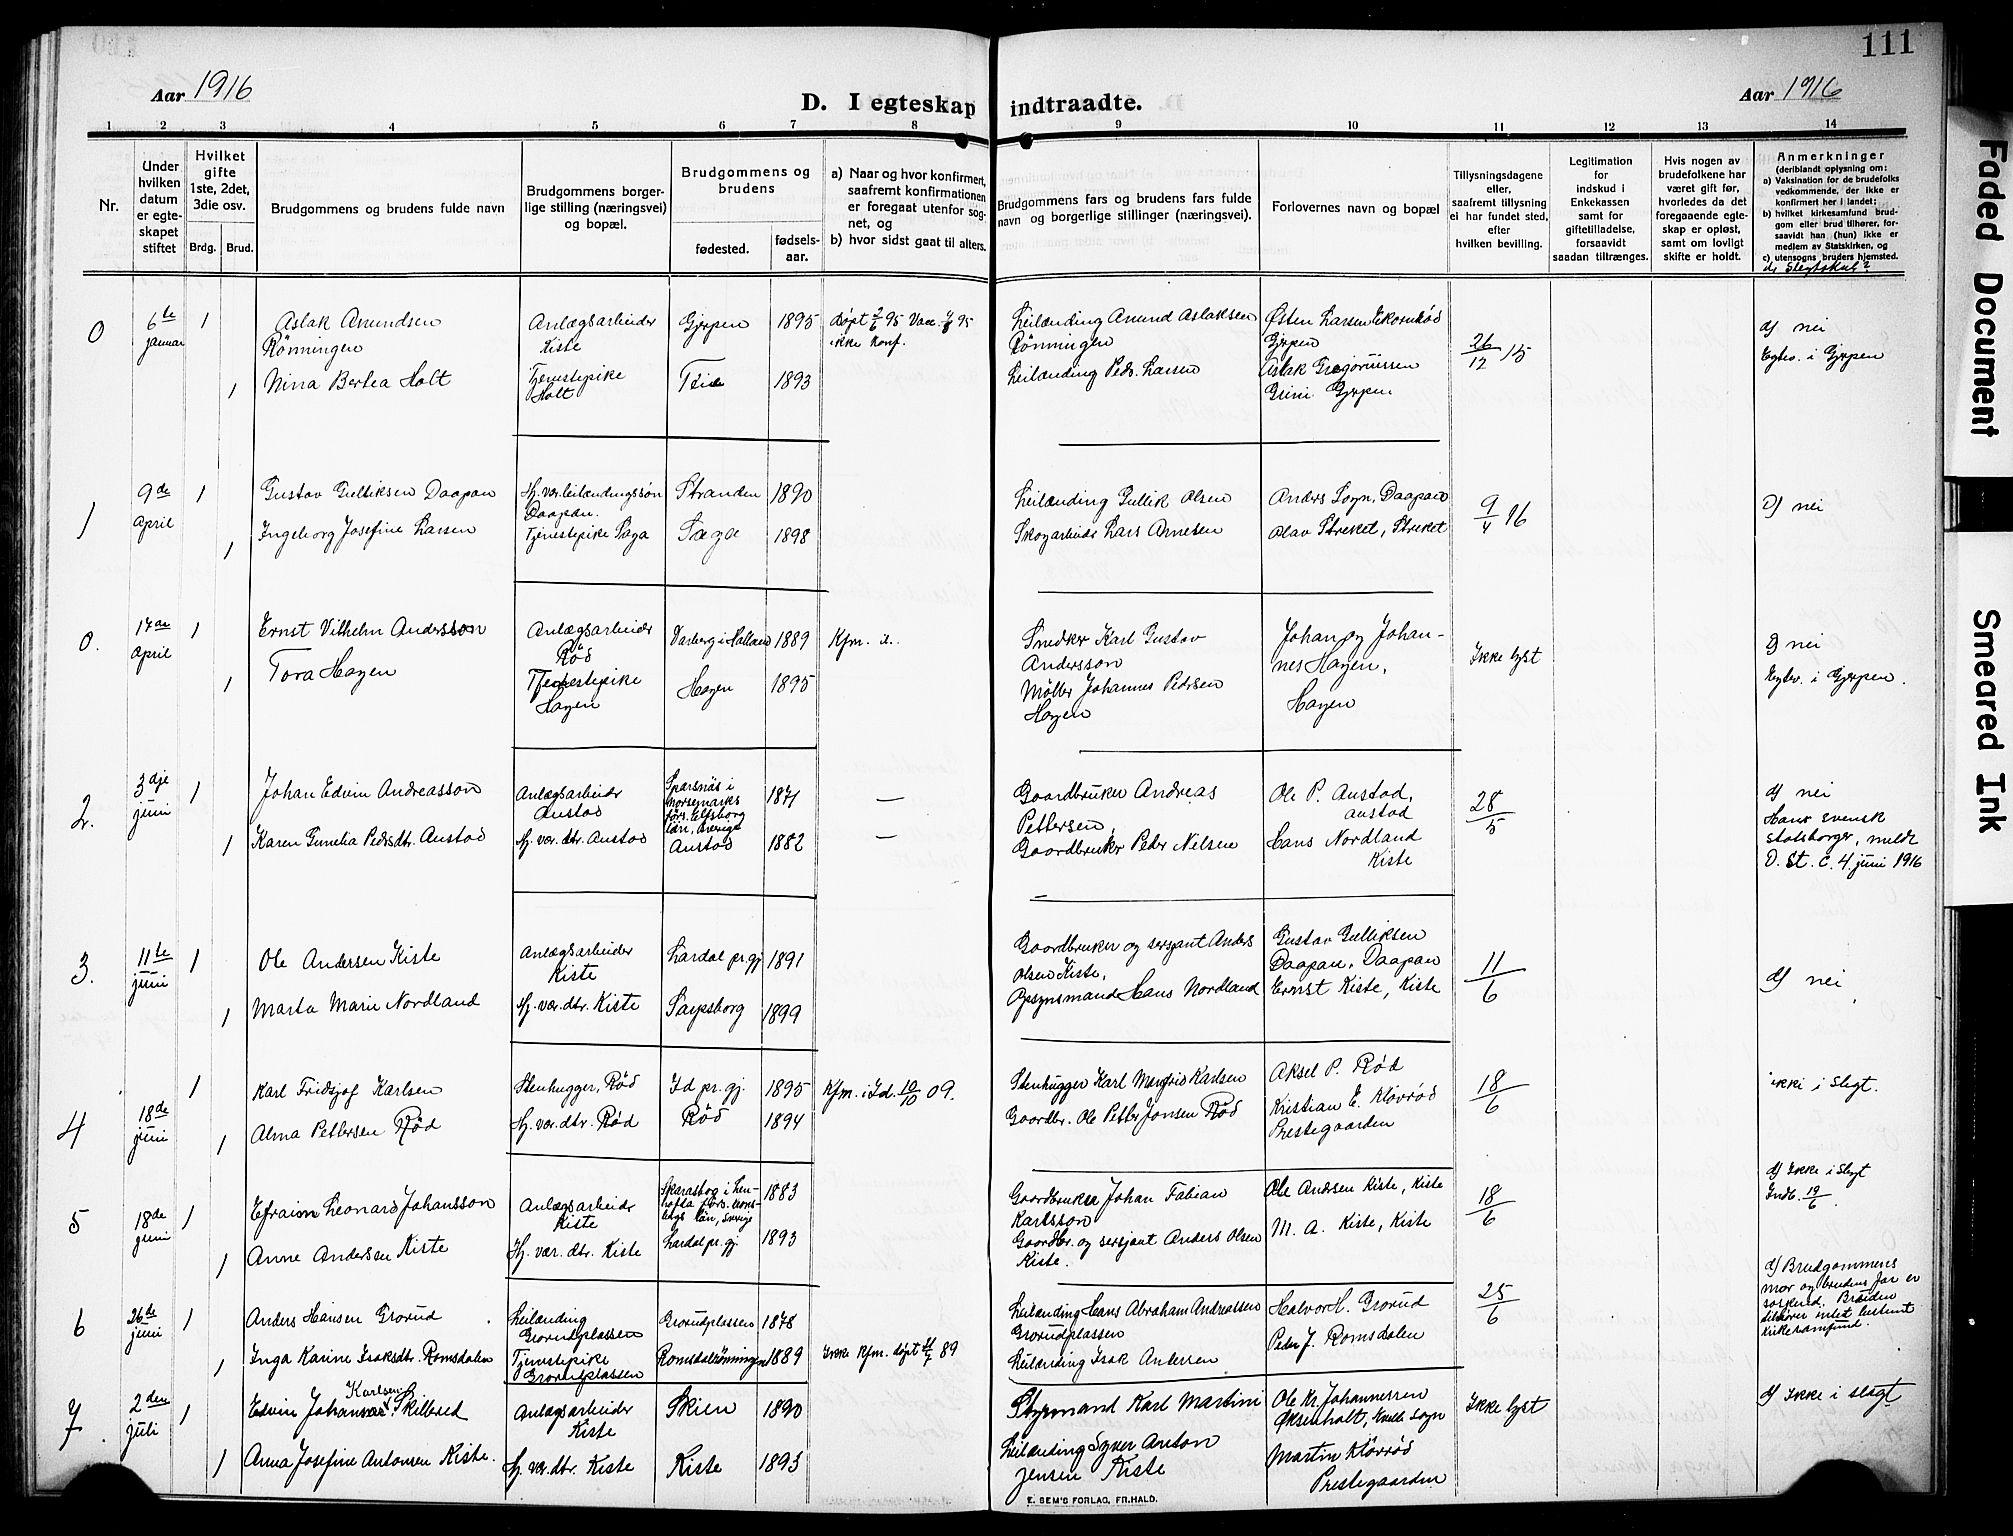 SAKO, Siljan kirkebøker, G/Ga/L0003: Klokkerbok nr. 3, 1909-1927, s. 111